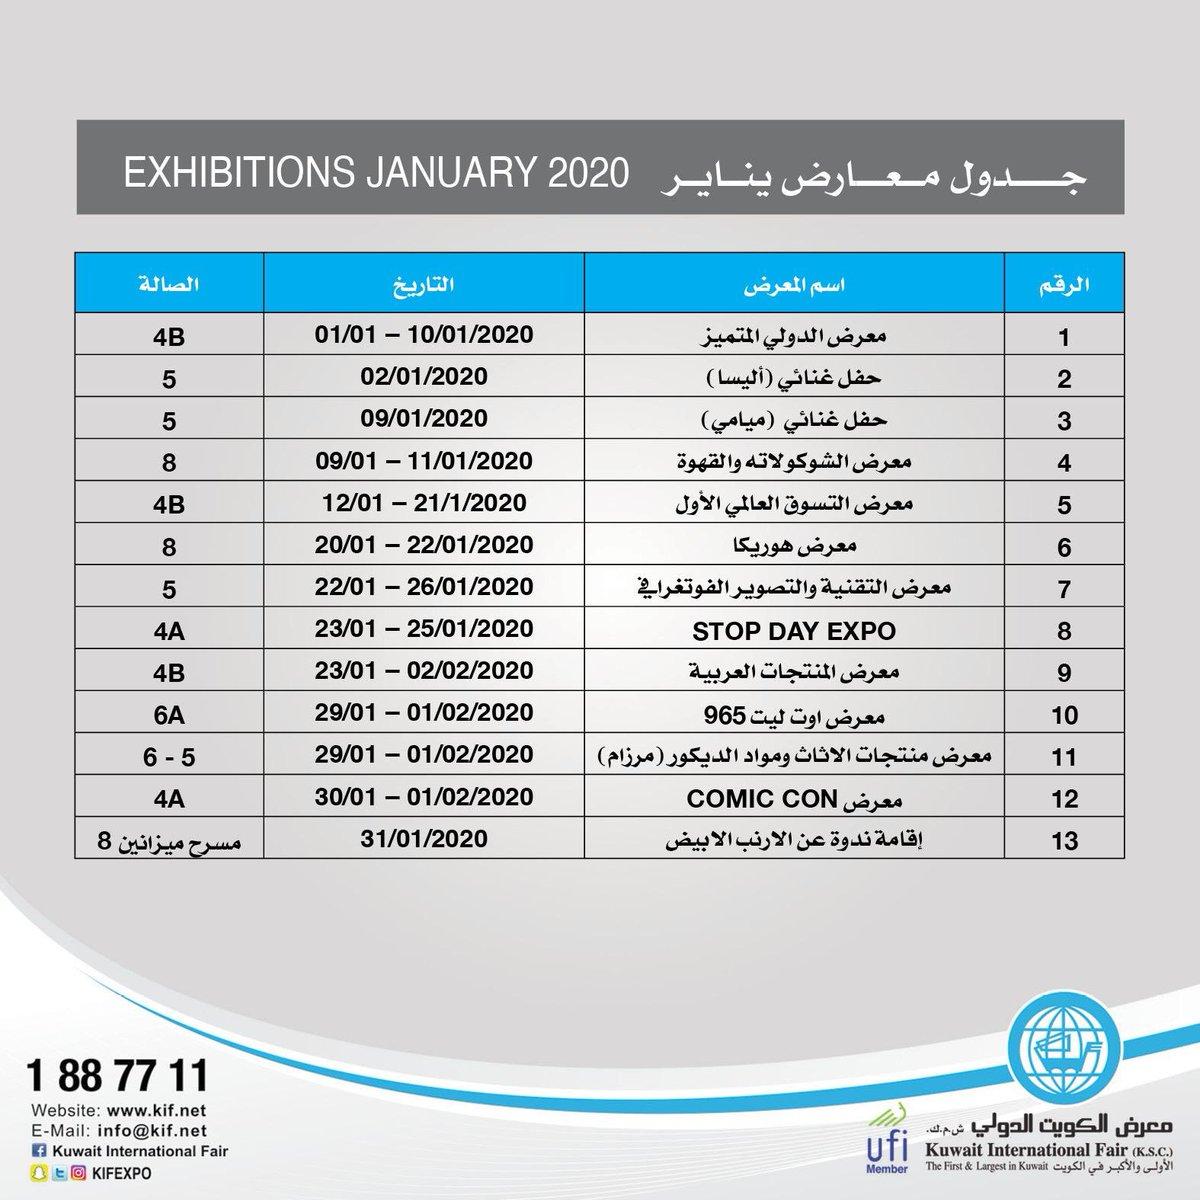 معرض أوت لت الكويت 2020